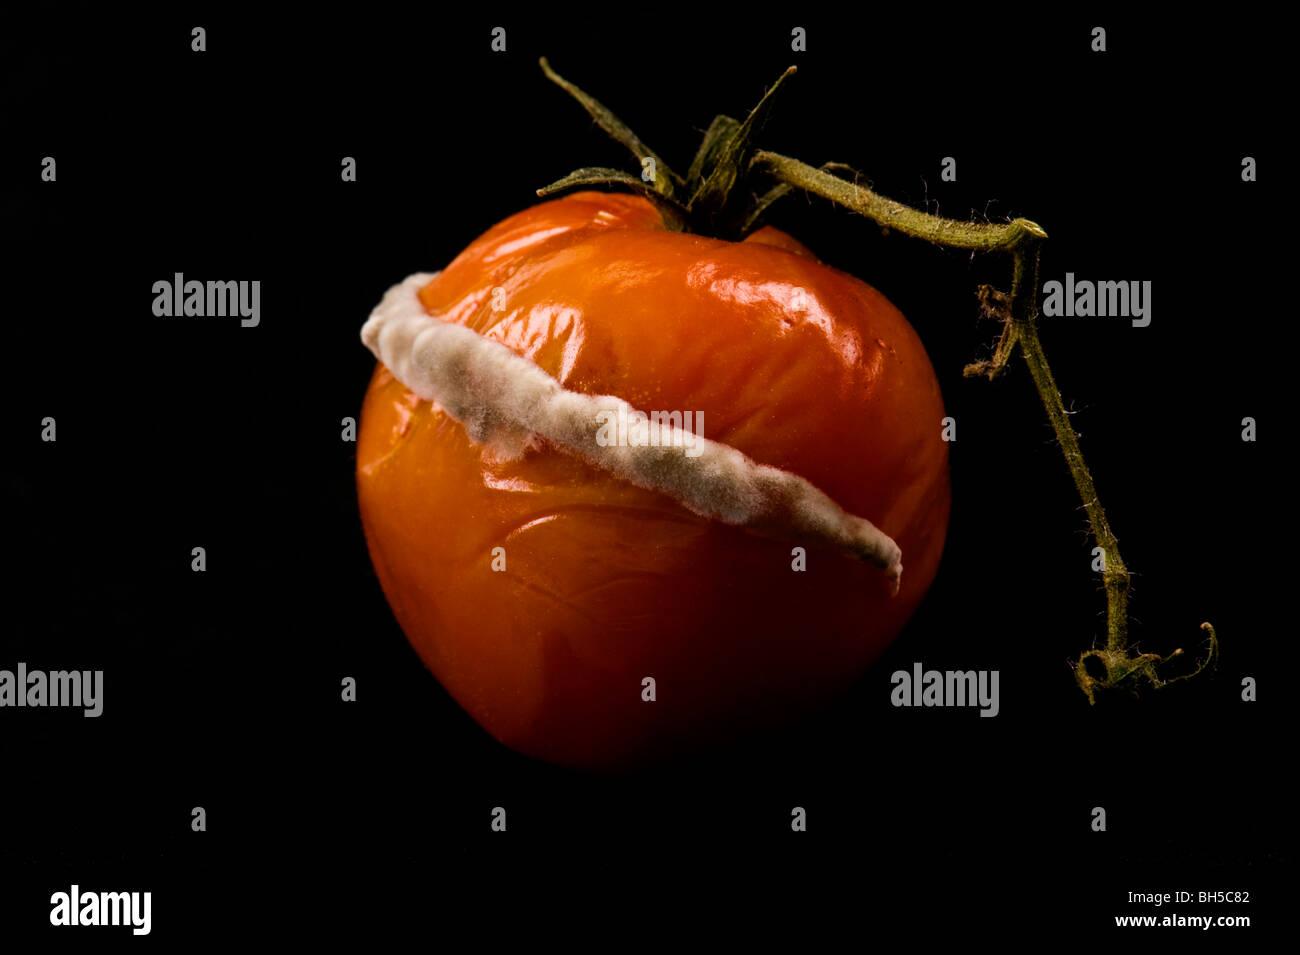 Le blanc sur la tomate champignon champignons moisissures doit Maladies fongiques trouble moule MOULE PROBLÈME Photo Stock